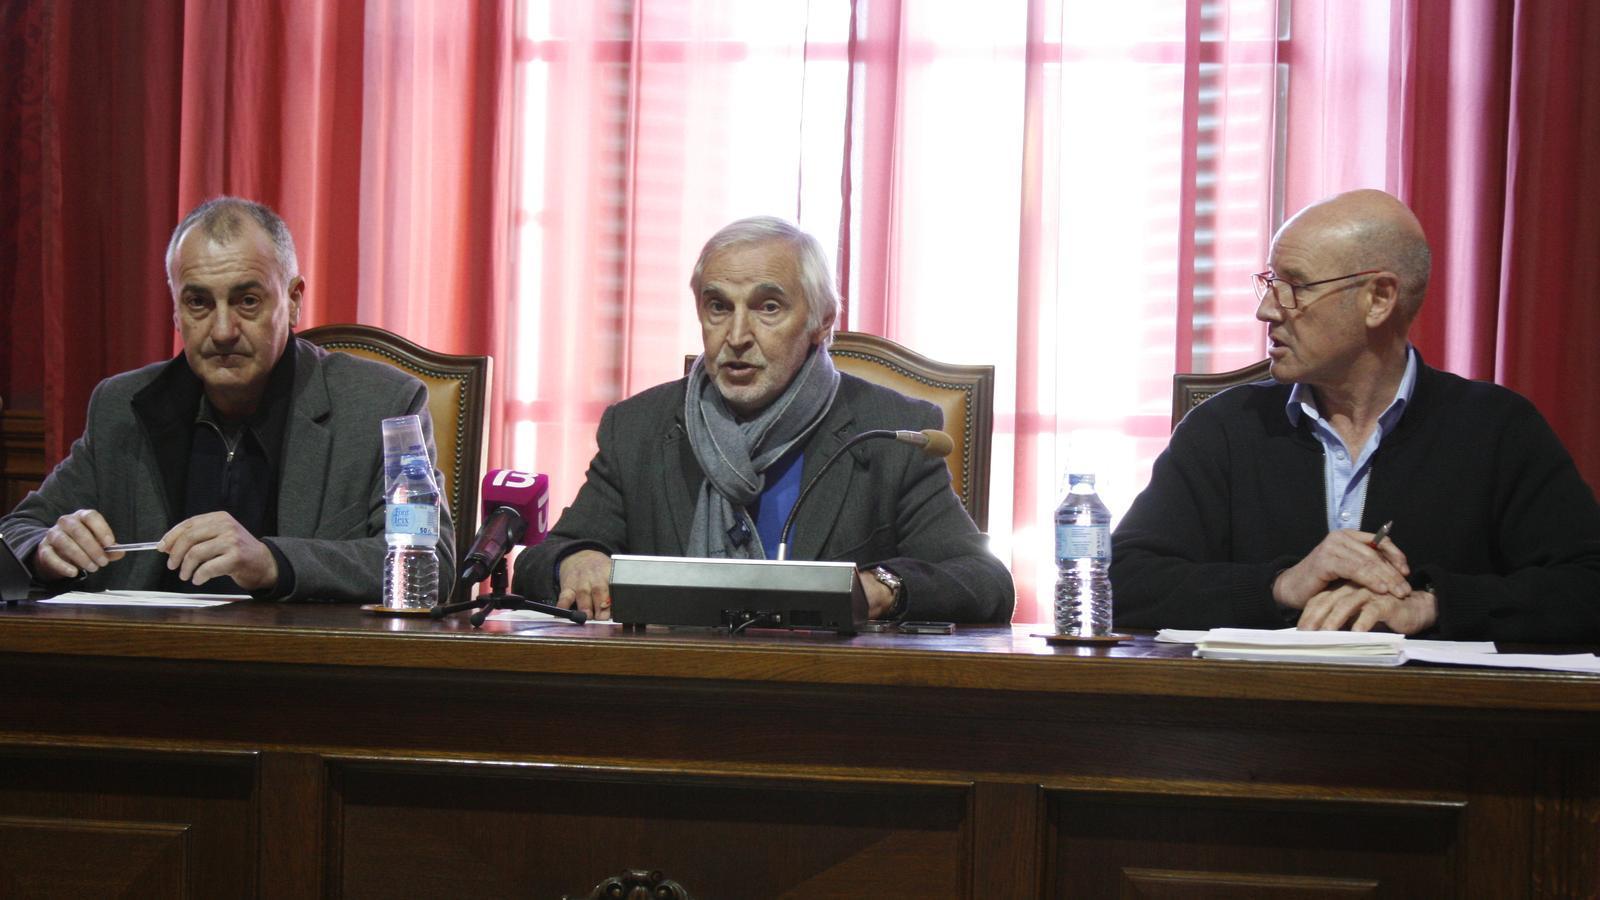 Jaume Tomàs, el batle, Gori Estarellas, i Bernardí Vives, durant la presentació del pressupost de 2019.